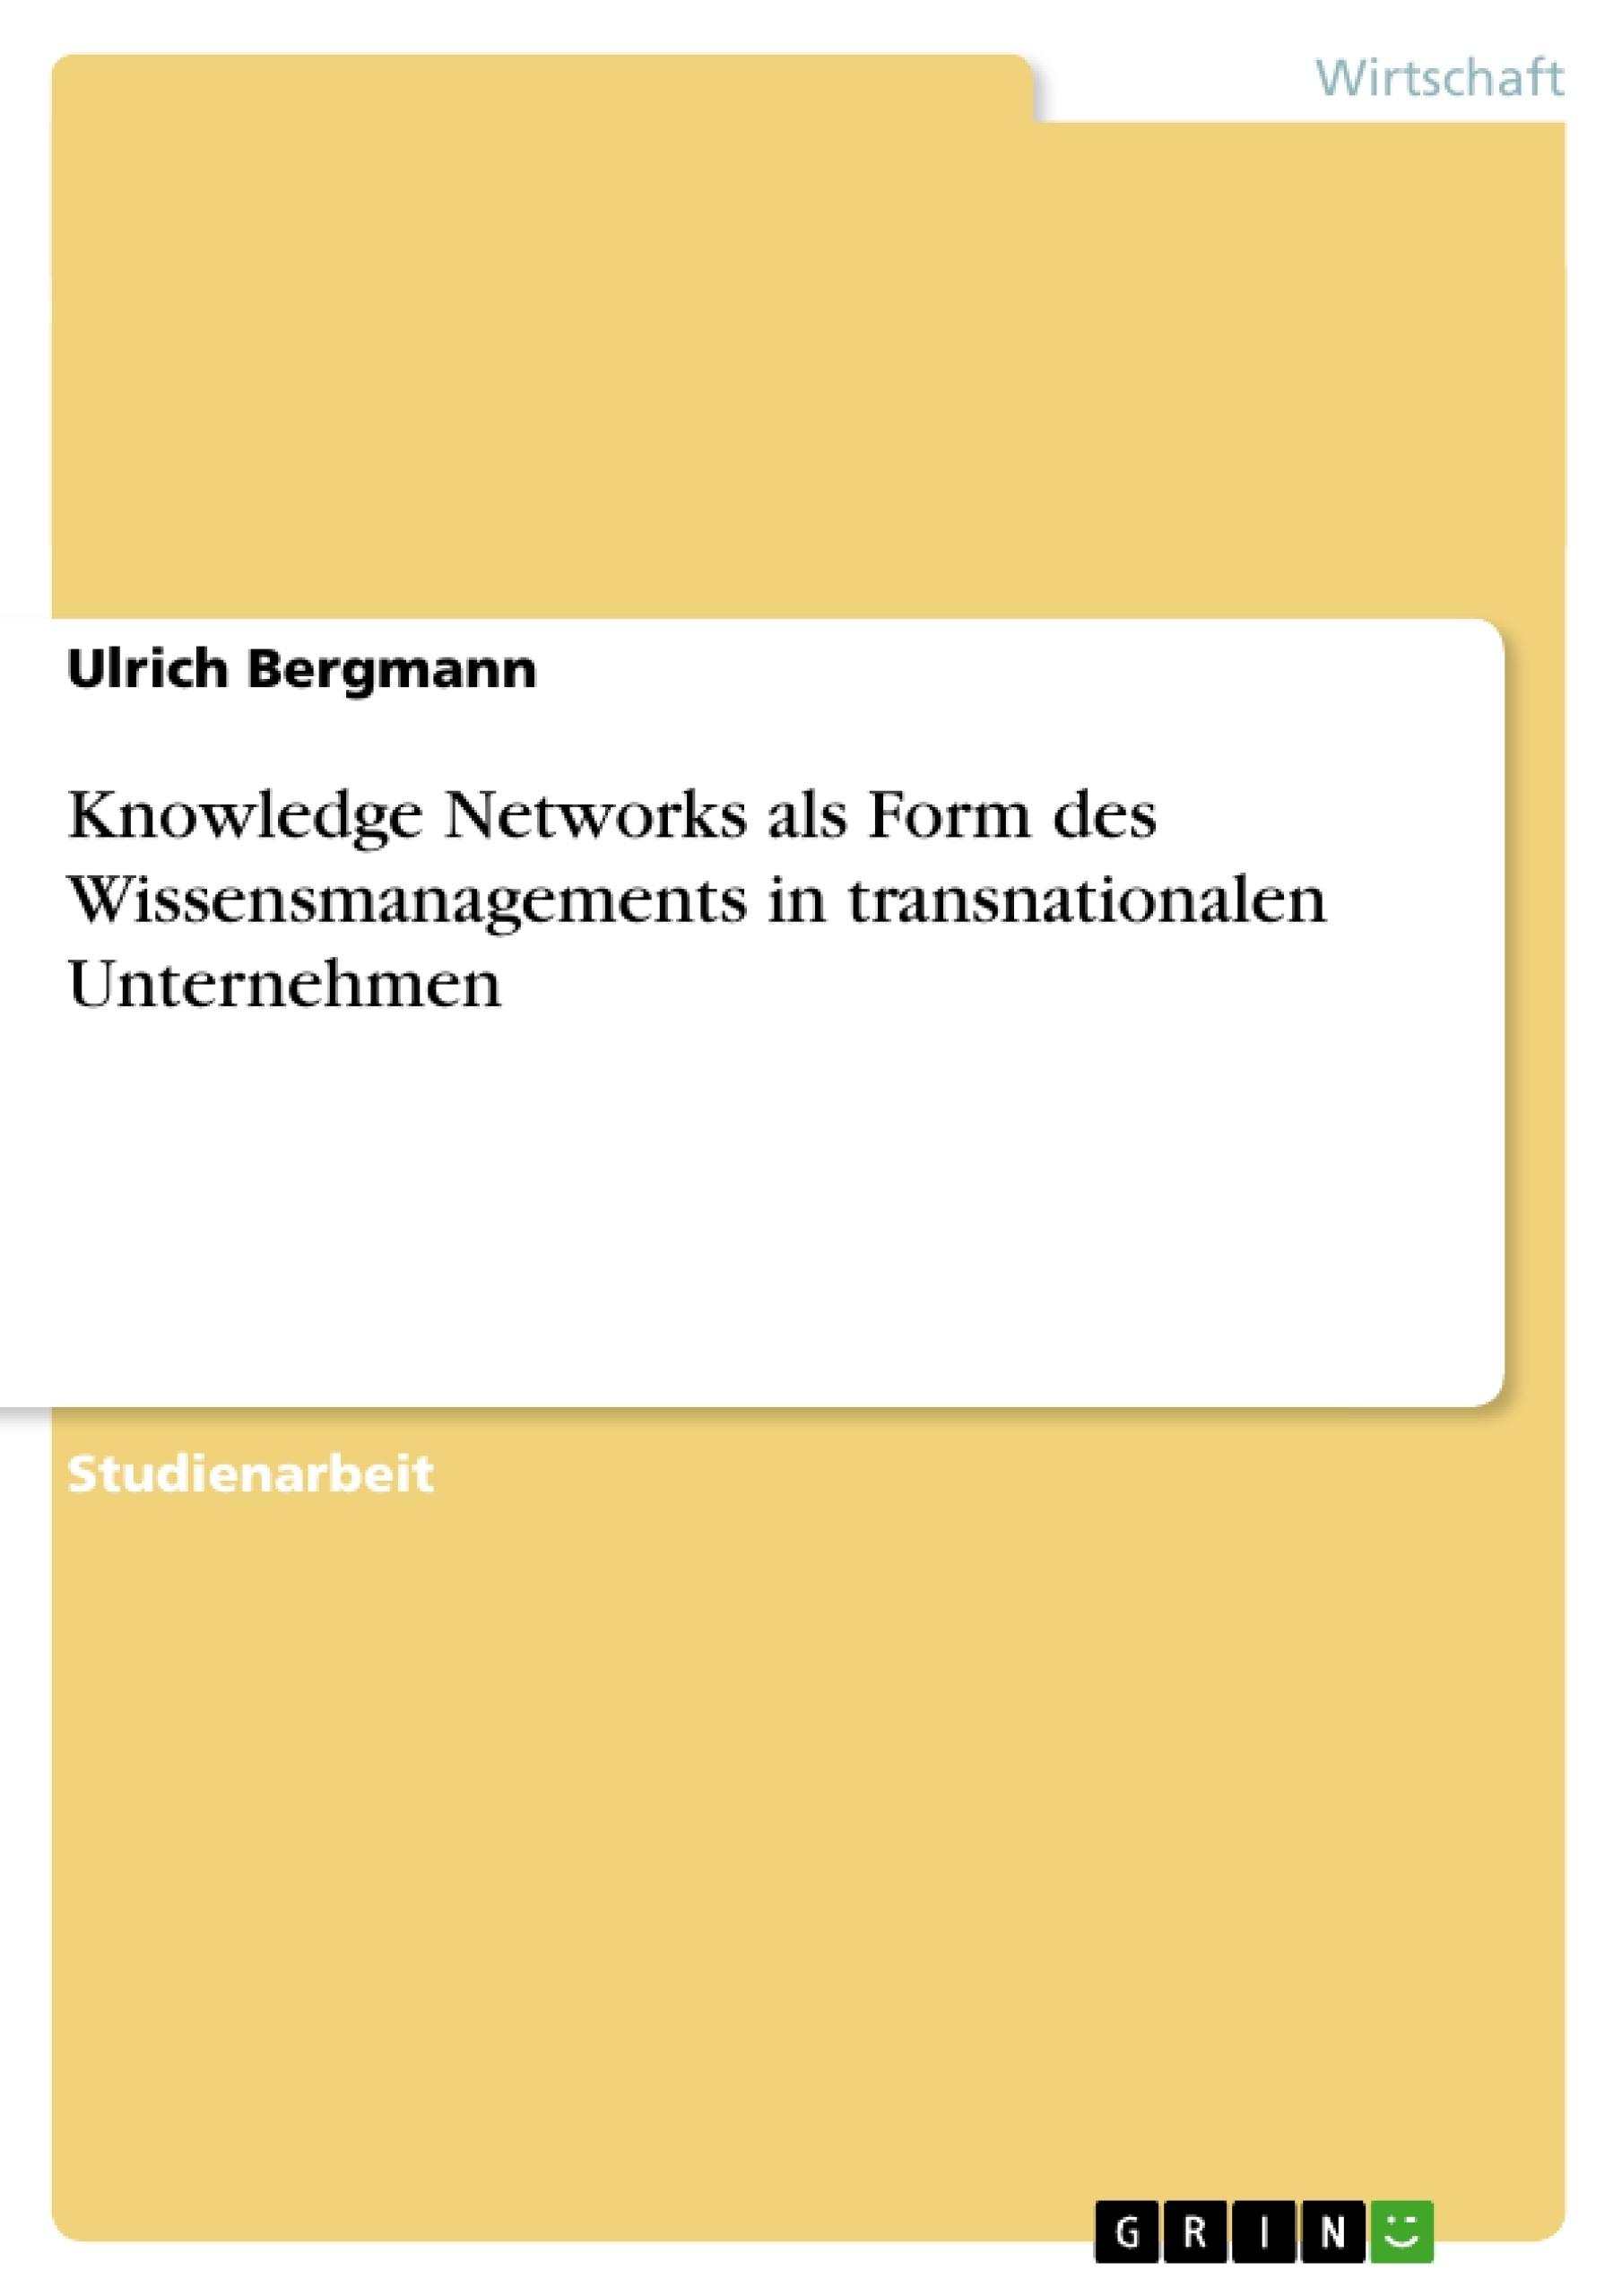 Titel: Knowledge Networks als Form des Wissensmanagements in transnationalen Unternehmen